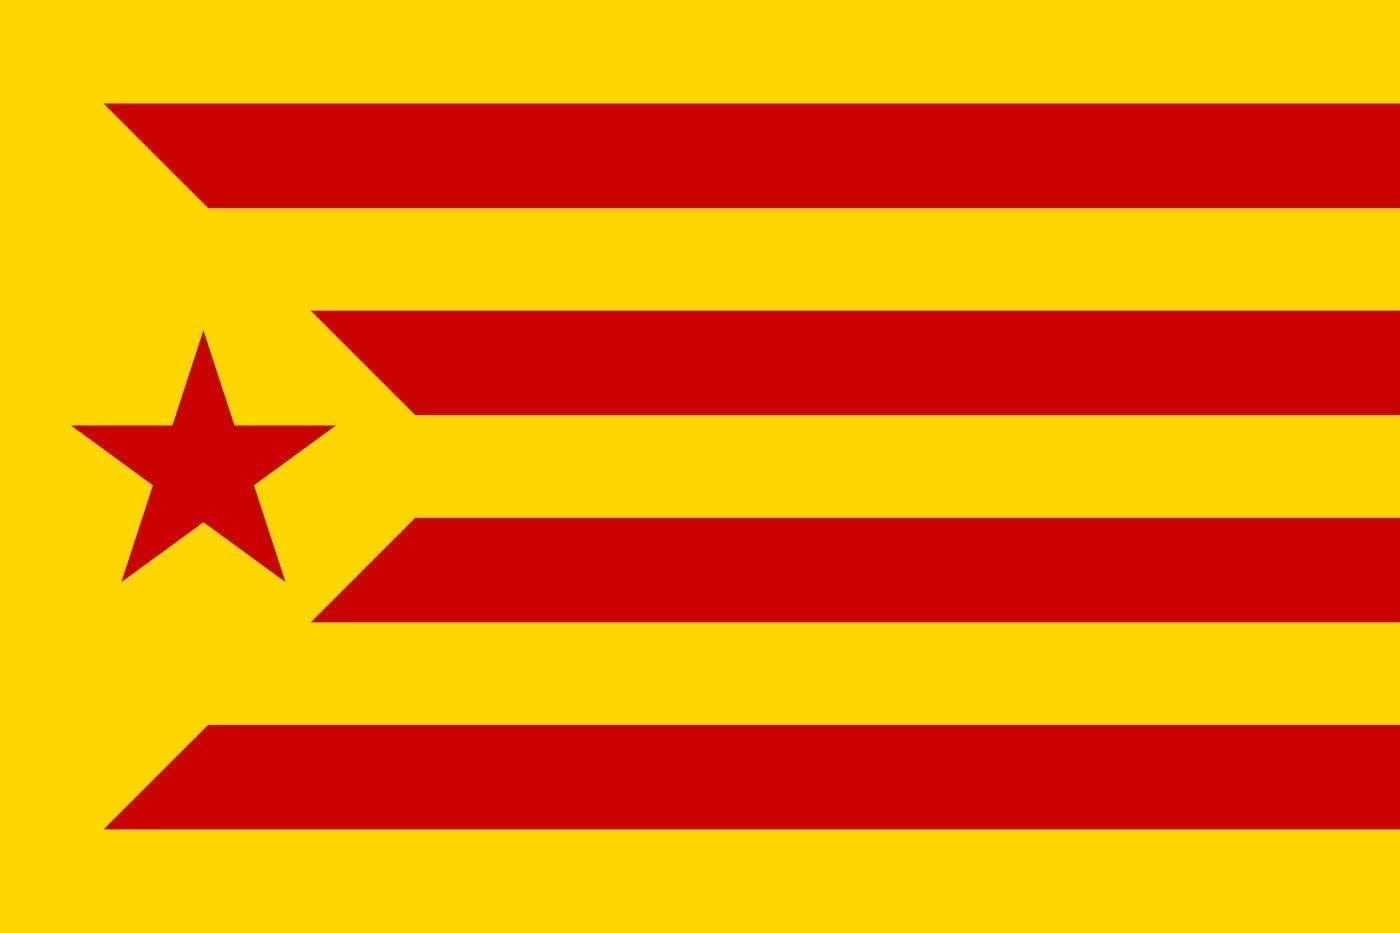 MR Bandera de CATALUÑA ESTELADA VERMELLA 90 x 60cm - Bandera CATALANA INDEPENDENTISTA – Catalunya: Amazon.es: Jardín